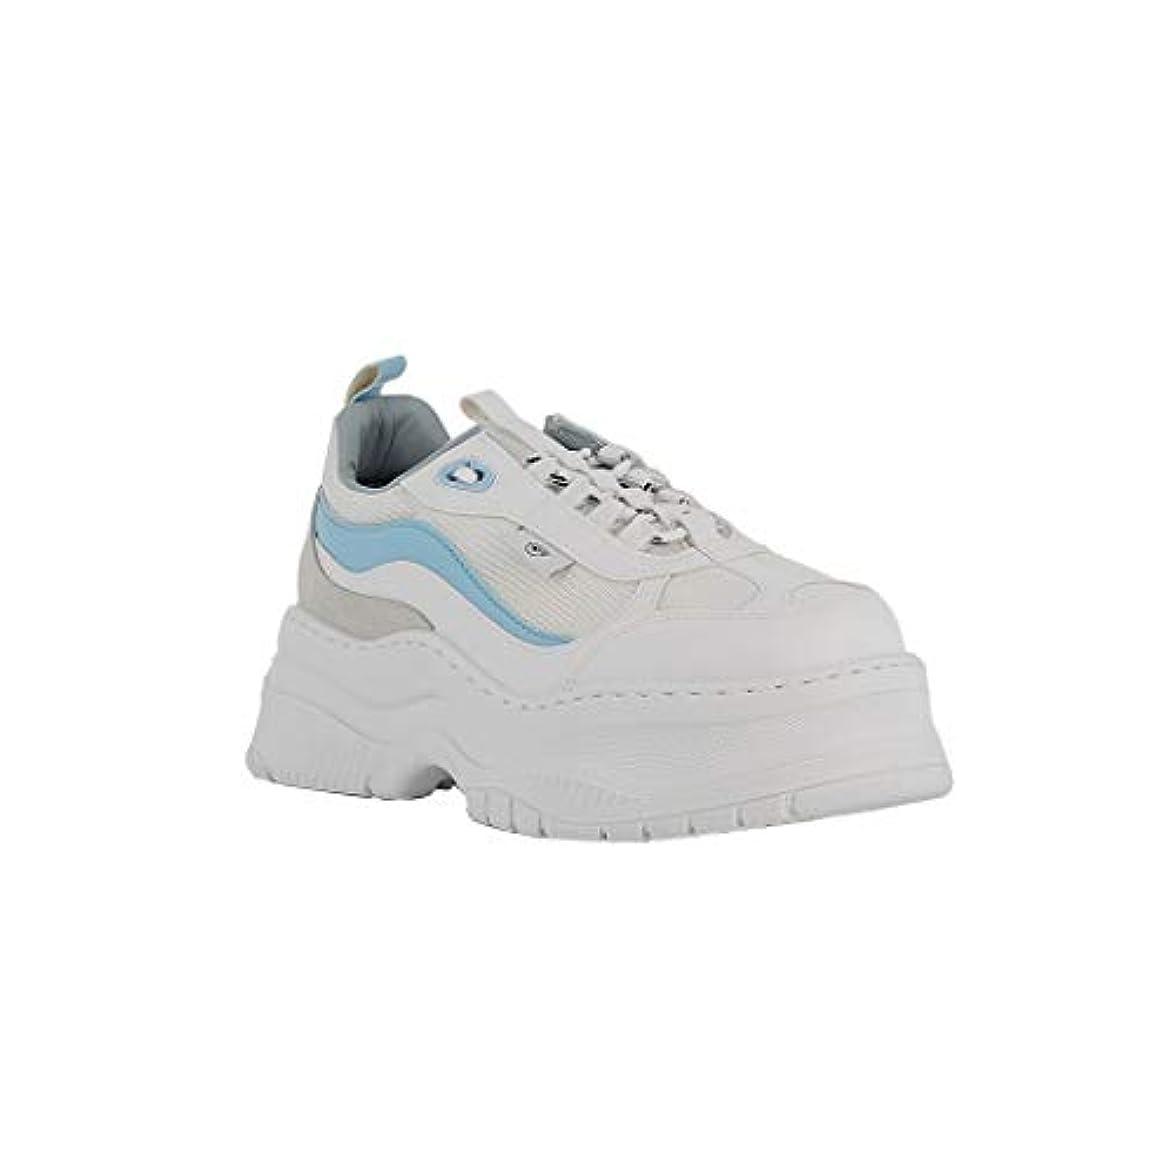 Chiara Ferragni Sneakers Donna Cf2341 Pelle Bianco